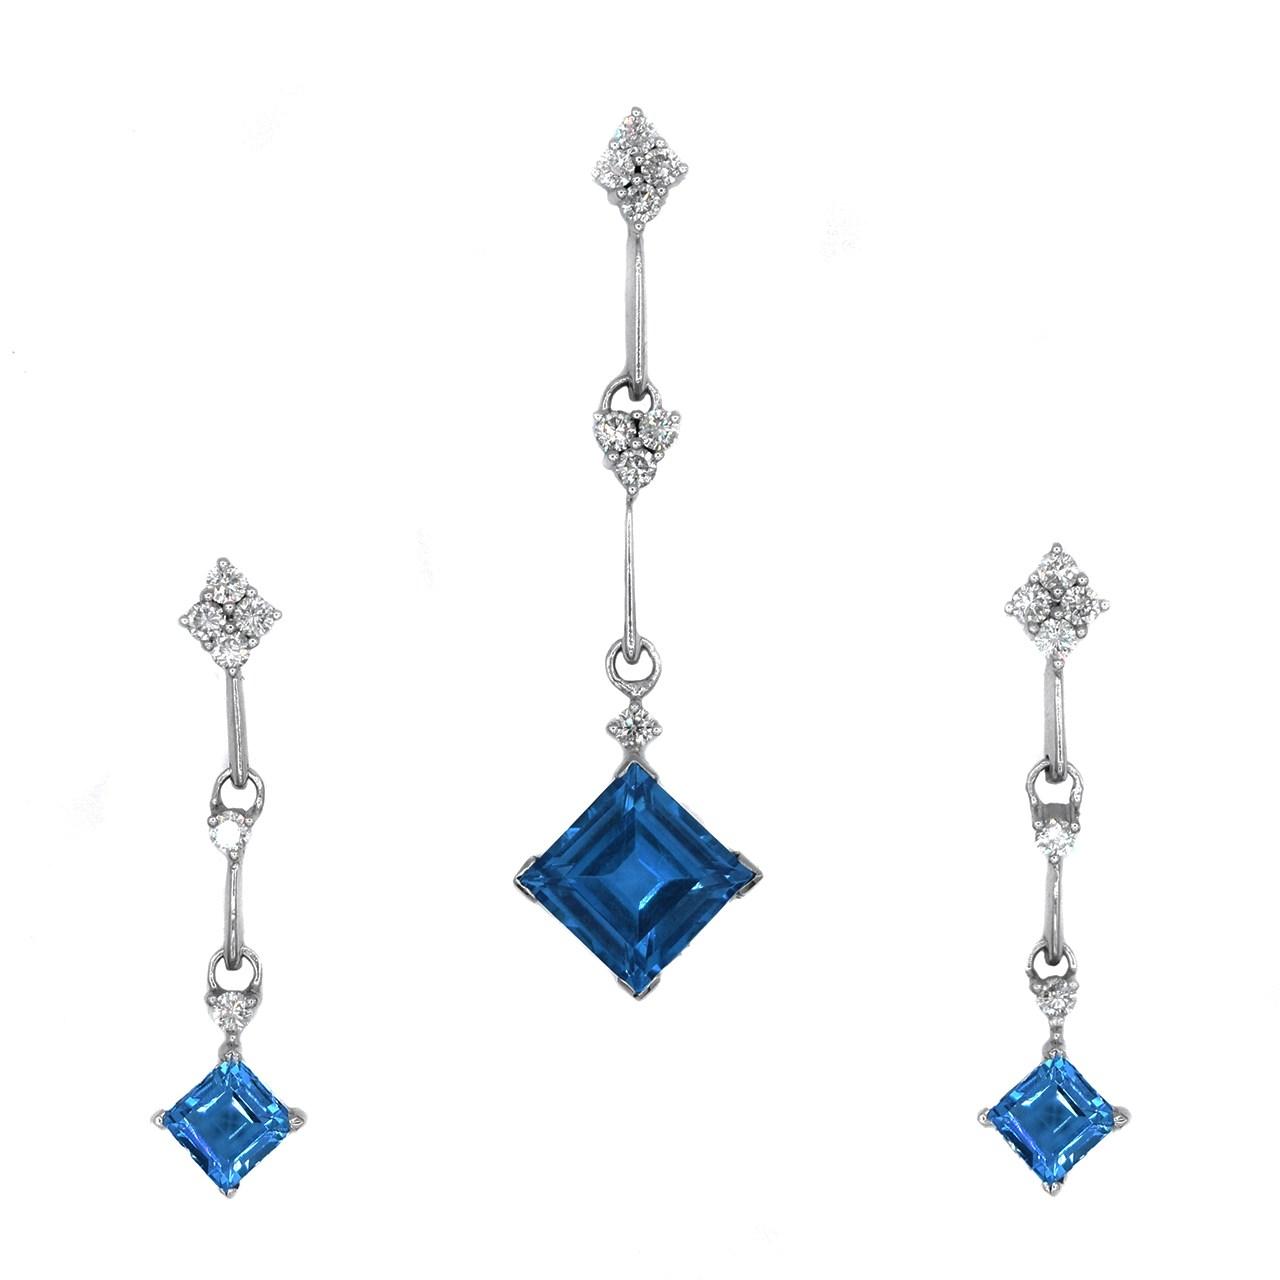 راهنمای خرید نیم ست طلا 18 عیار جواهری سون مدل 1352 لیست قیمت